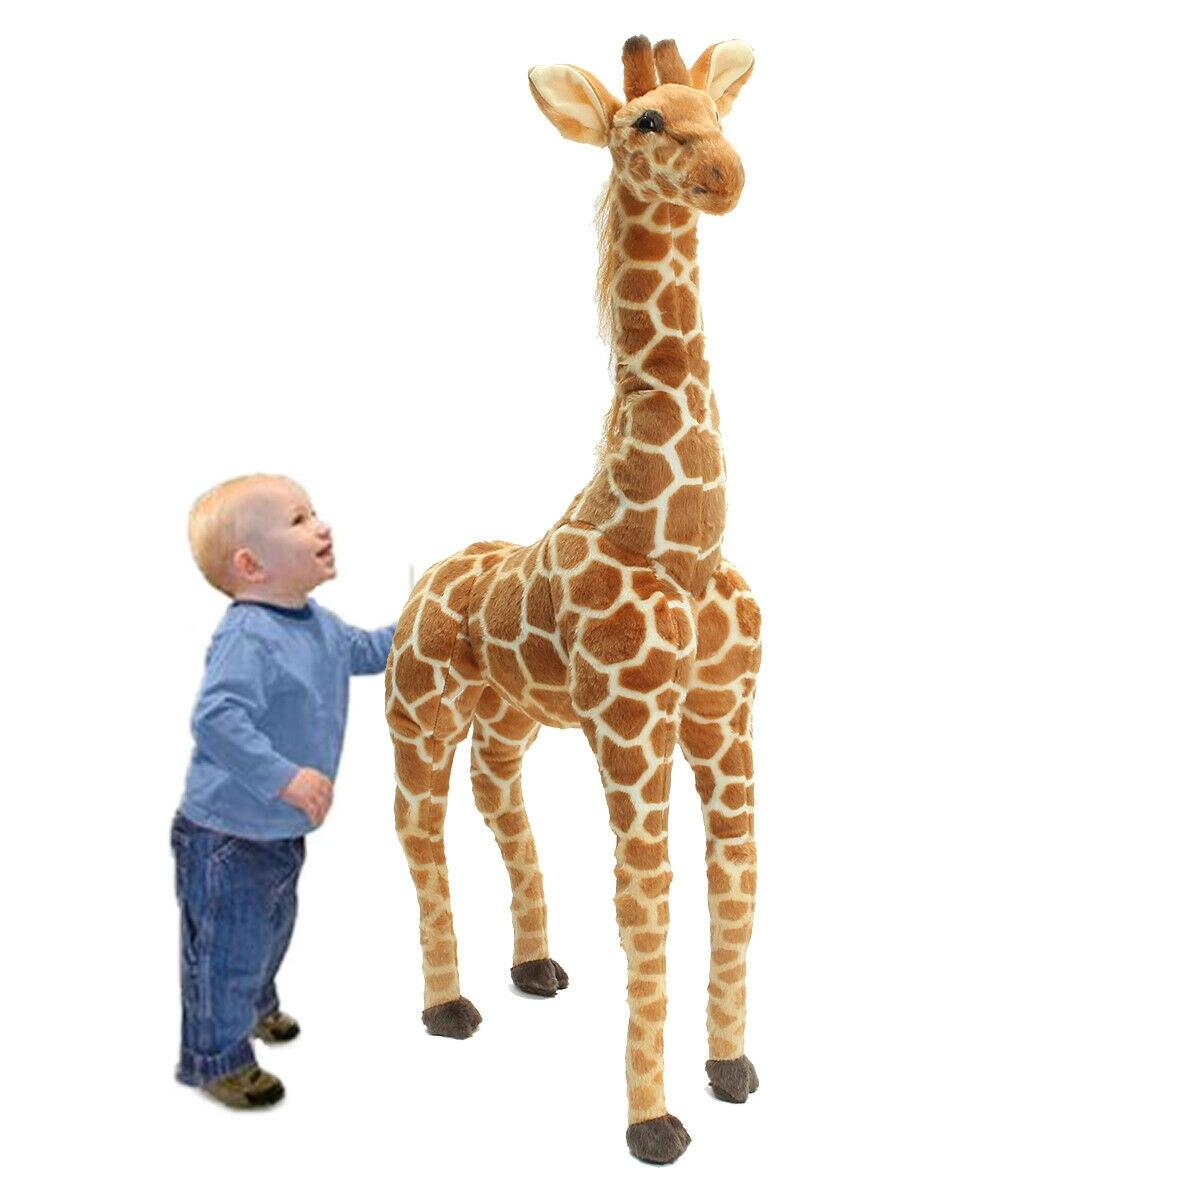 Us 40 big big grande pelúcia girafa brinquedo boneca gigante grande animal de pelúcia macio boneca presente do miúdo